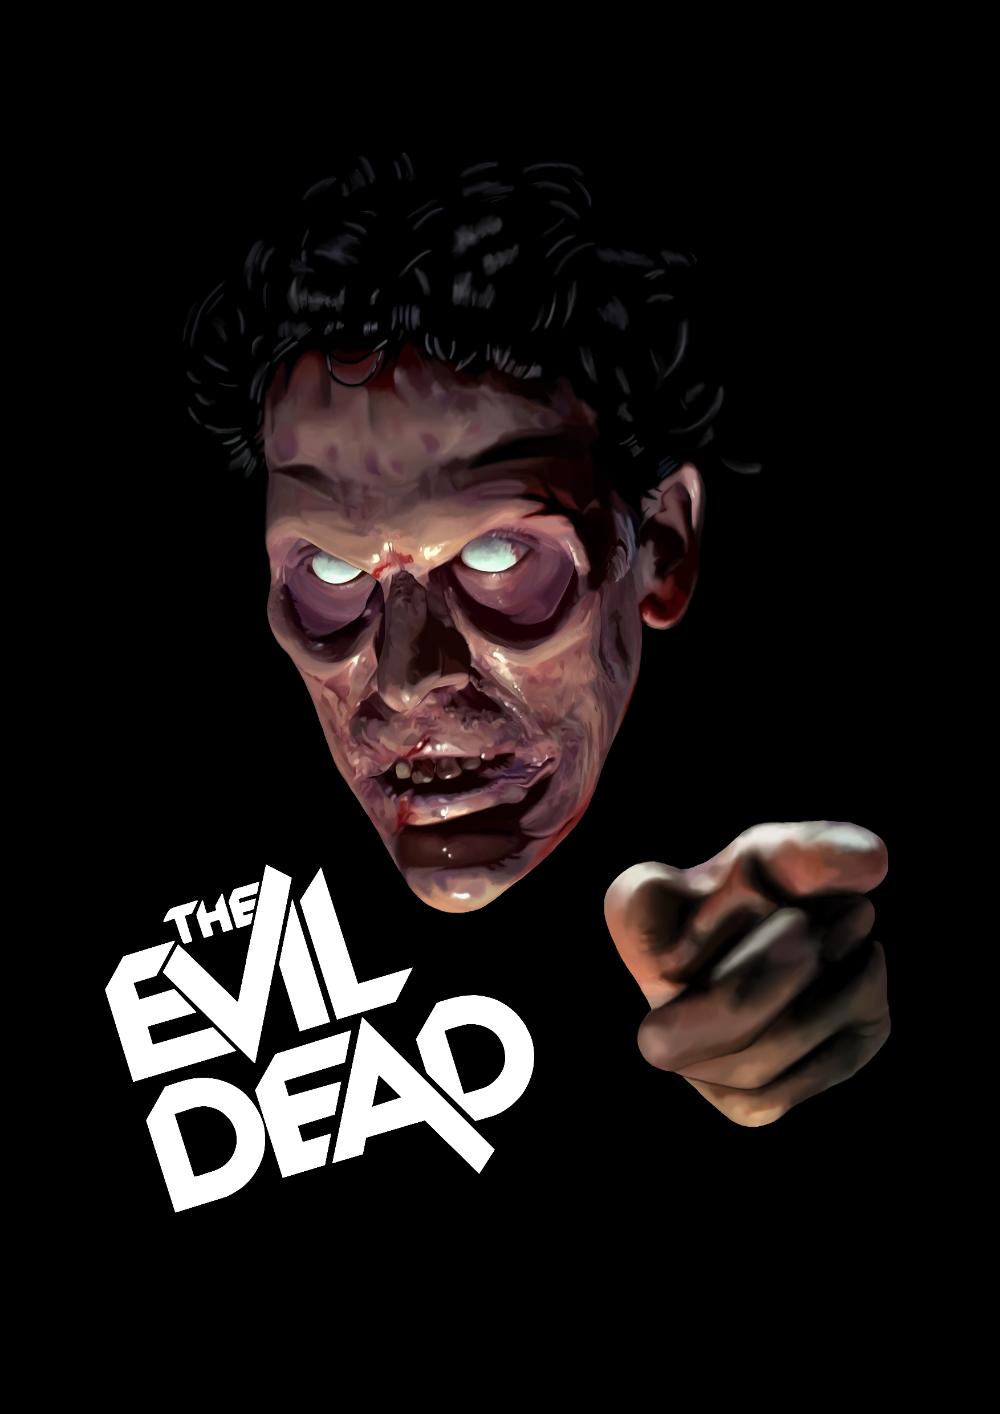 The Evil Dead By Dreffdesigns On Deviantart Horror Movie Art Movie Poster Art Evil